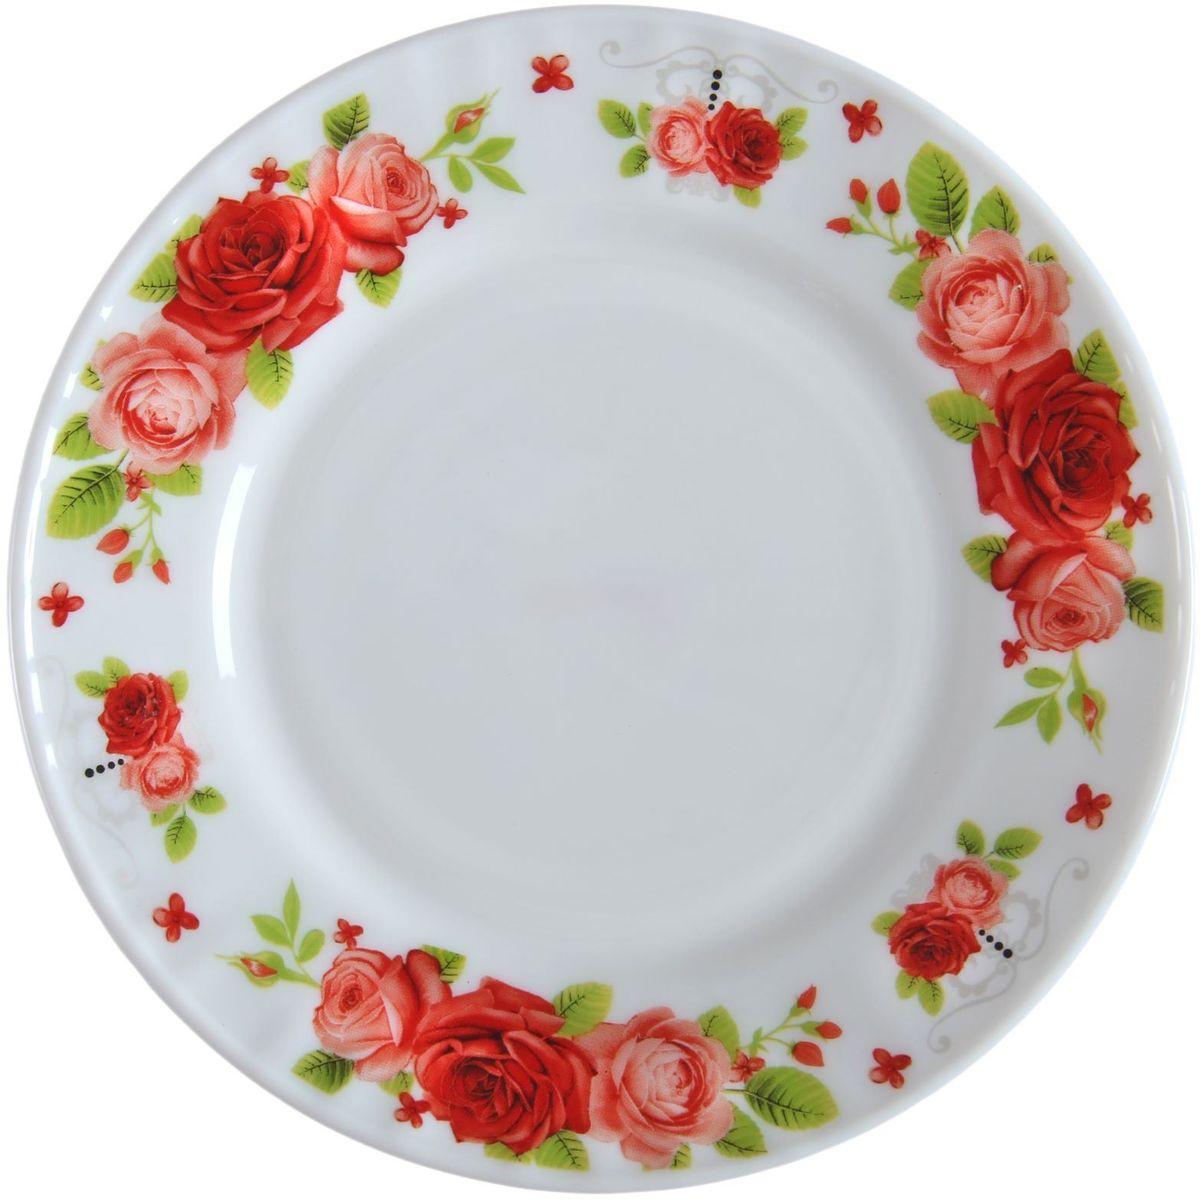 Тарелка Поэзия роз, диаметр 23 см1152133Тарелка – важнейший предмет любого застолья. Будучи во главе стола, она привлекает к себе основное внимание. А это значит – рисунок, цвет и материал играют немаловажную роль.Почему во всем мире так ценится посуда из стеклокермики?Универсальна. Ее можно использовать и для приготовления пищи, и для безопасного хранения любых готовых блюд. В такой посуде можно кипятить, варить, жарить парить, тушить и запекать любые продукты.Ударопрочна и травмобезопасна. Термическое стекло – очень прочный материал, который не поддается механическим нагрузкам, не бьется, не колется и не трескается.Термически устойчива (жаропрочна). Посуда не деформируется при нагреве и подходит для СВЧ-печей.Химически инертна. Стеклянные поверхности посуды совершенно нечувствительны к воздействию моющих и чистящих средств.Экологически и гигиенически безопасна. Стеклокерамика – исключительно «чистый» материал, не выделяющий вредных летучих соединений даже при сильном нагреве, не впитывает запахов и не передает их хранящейся или готовящейся пище.Удобна в уходе. Моется обычной теплой водой, не формирует накипь и нагар.Эстетически привлекательна. Прозрачное, матовое и тонированное термическое стекло имеет оригинальный вид, который сохраняется в любых технических условиях на долгие годы.